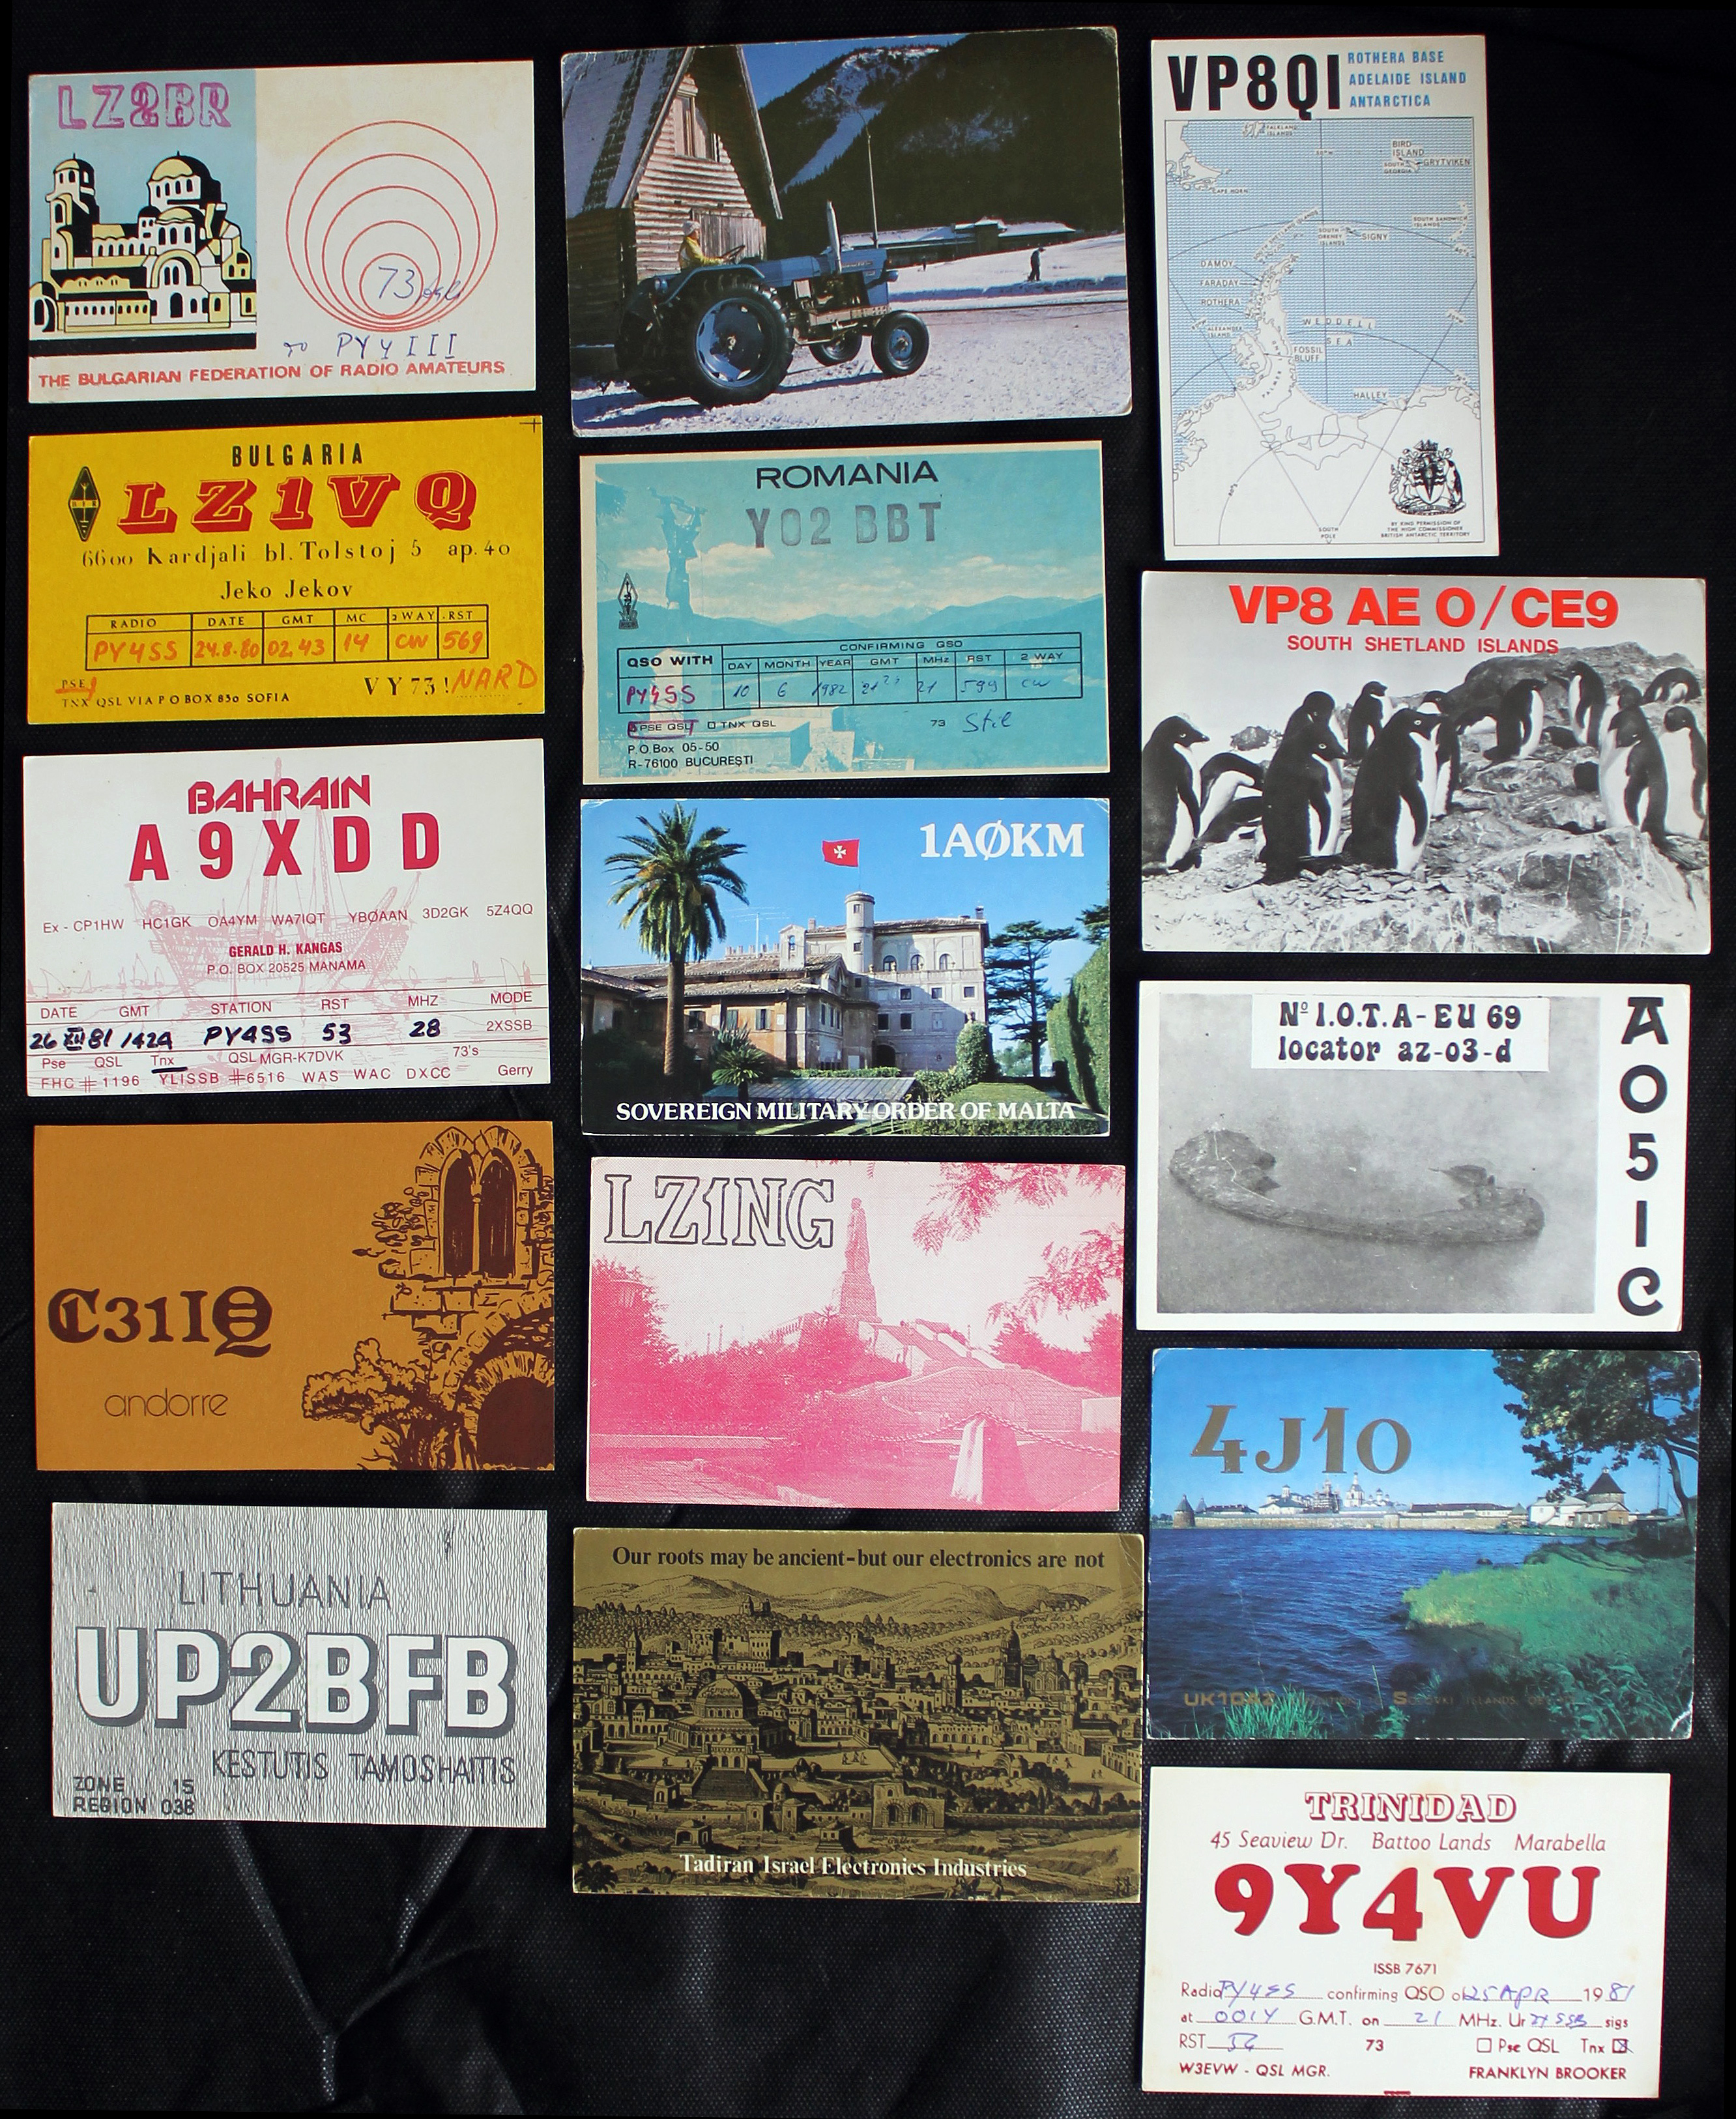 Cartões de origens variadas, parte da coleção de Lena